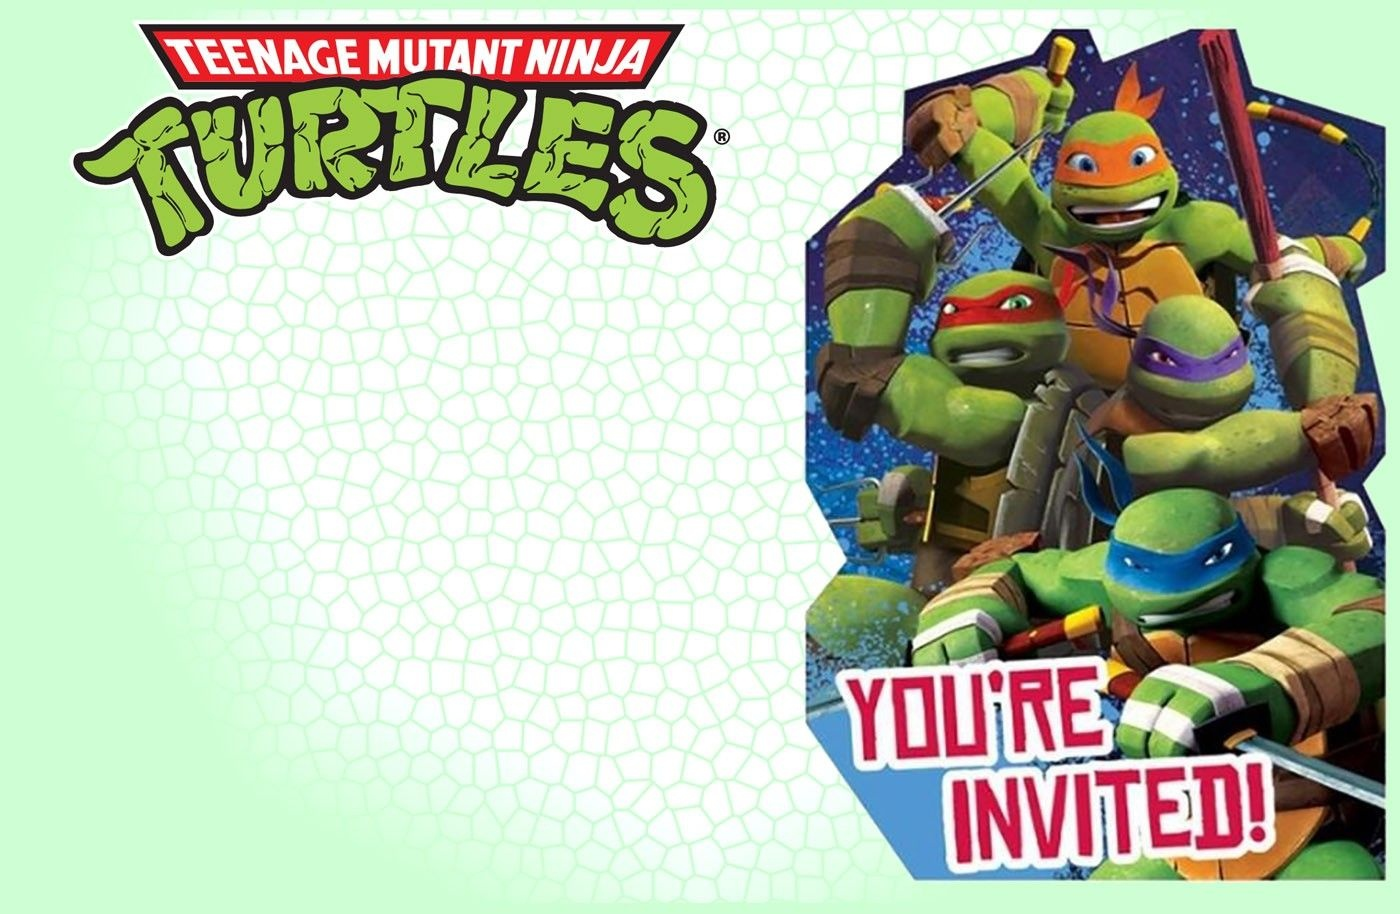 Editable Ninja Turtle Invitation Template   Tkb Printables In 2019 - Free Printable Tmnt Birthday Party Invitations